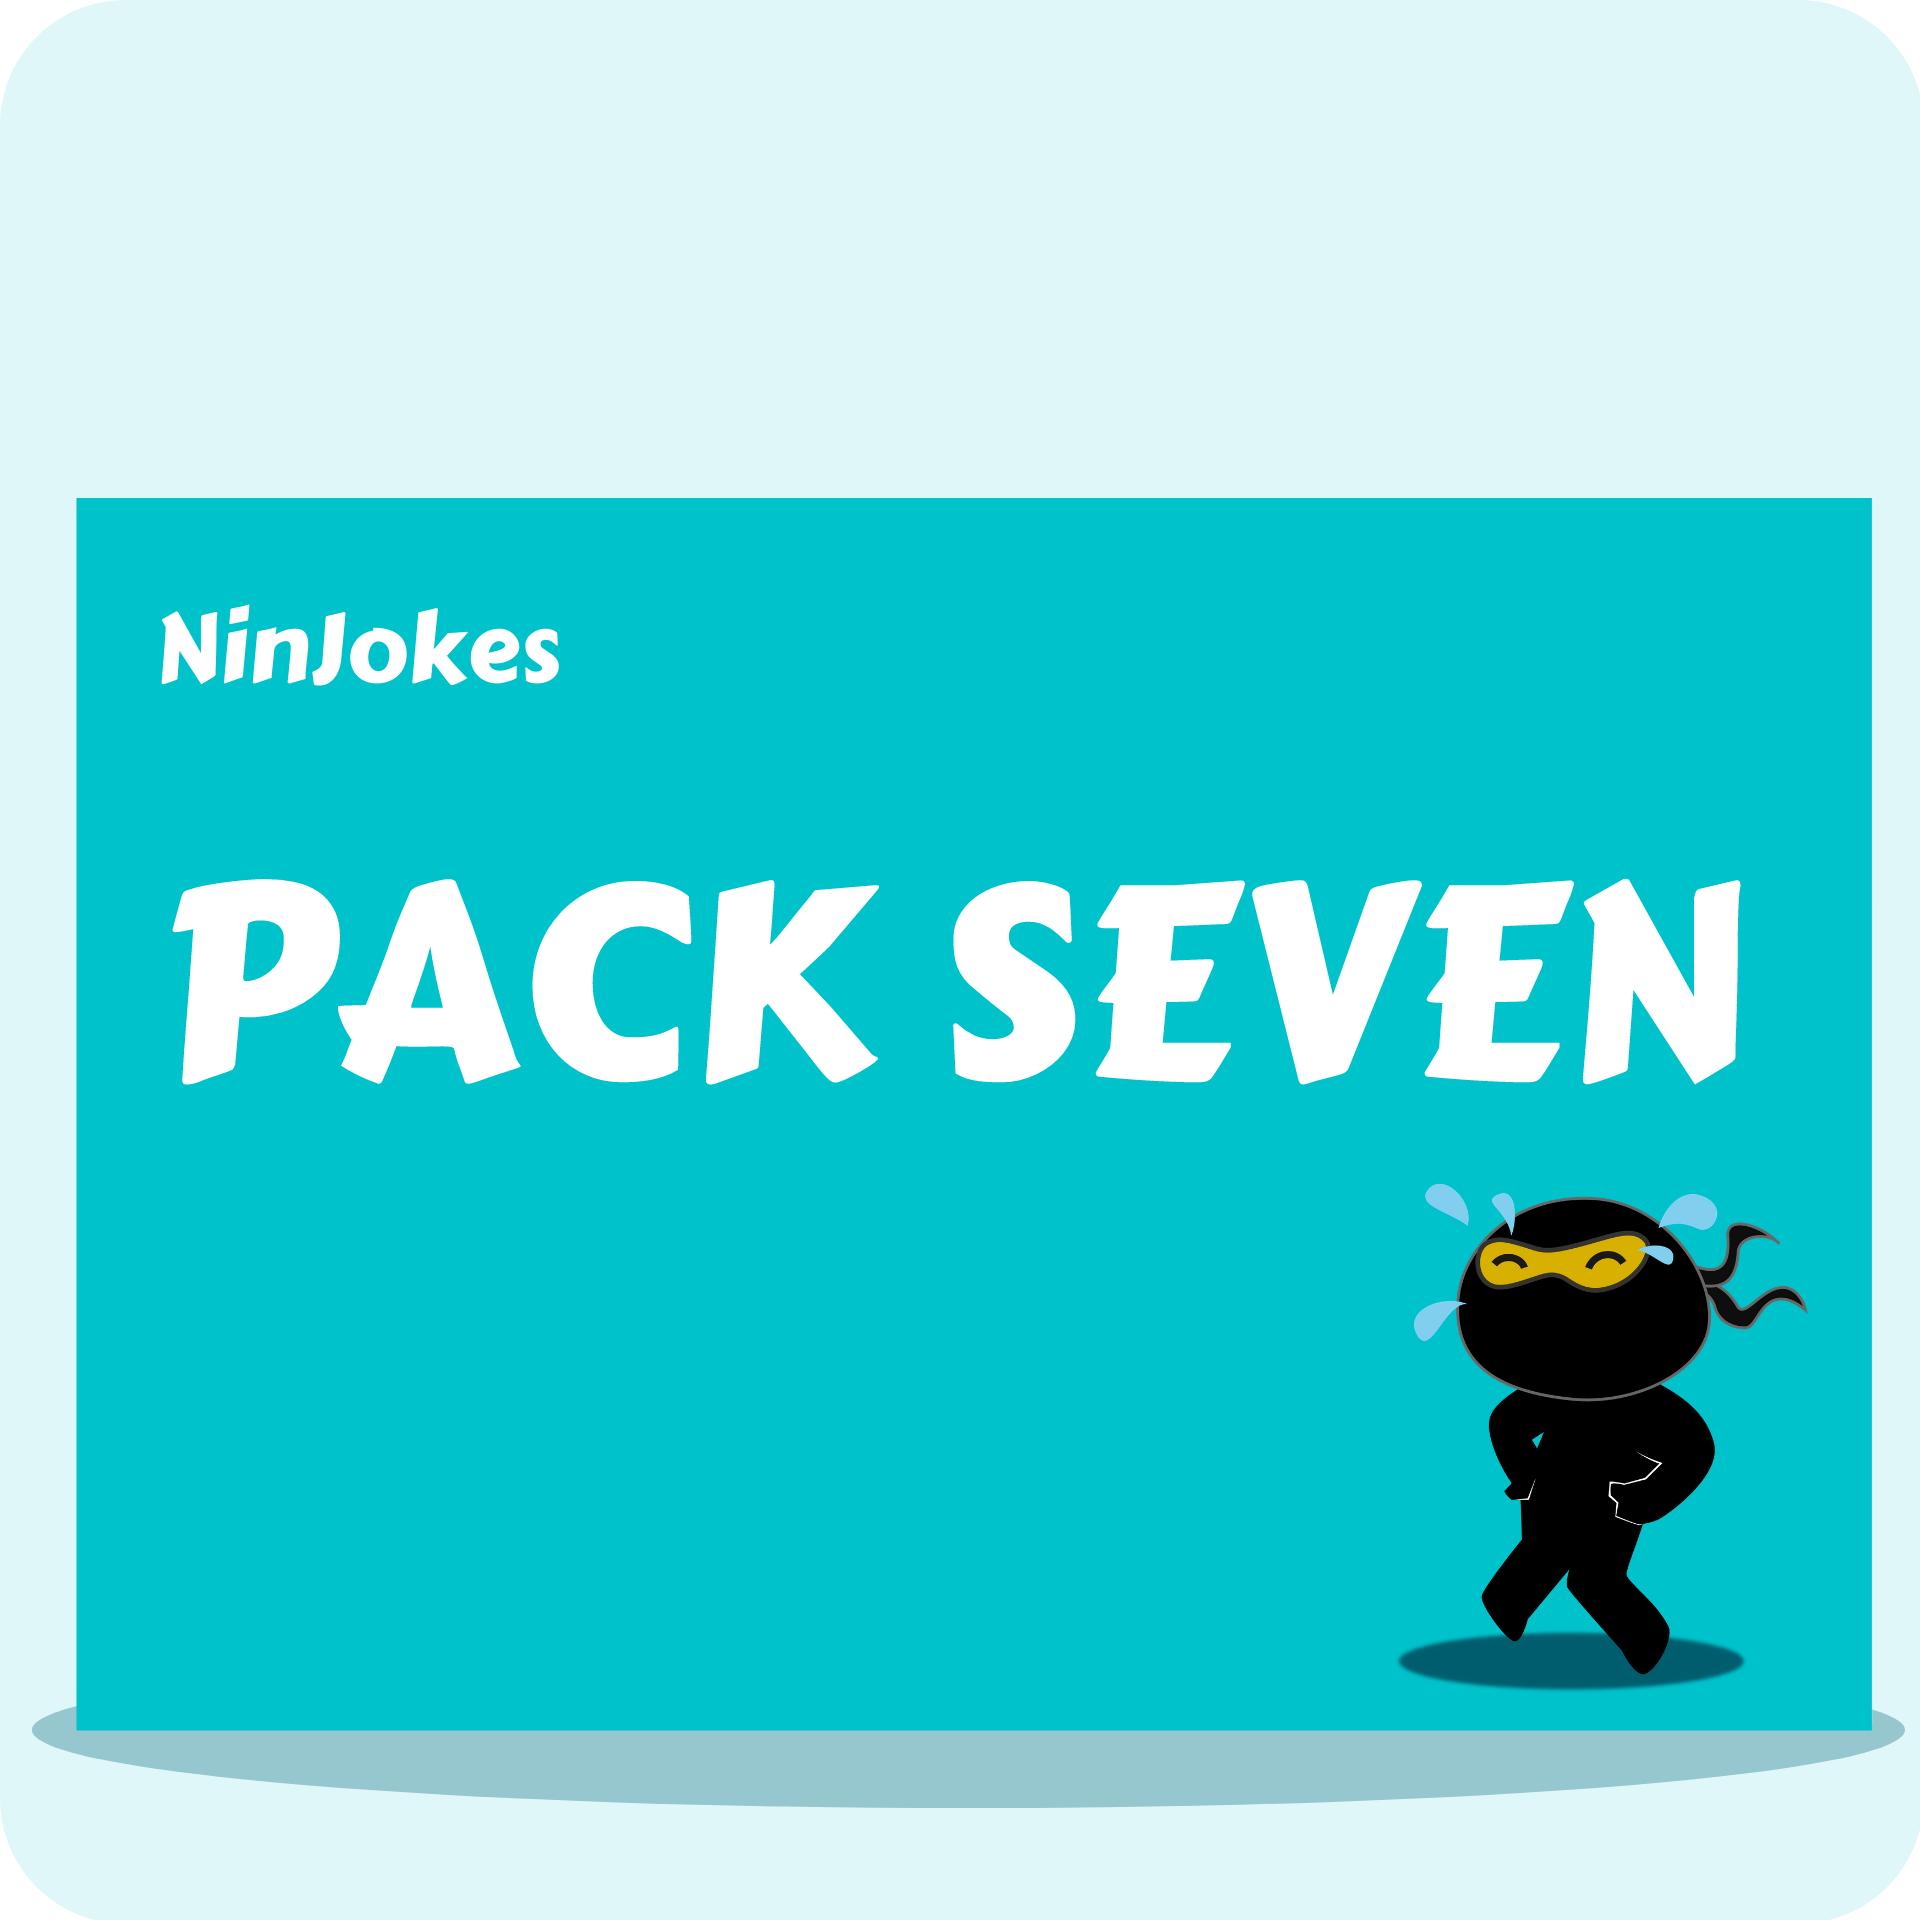 NinJokes Pack Seven